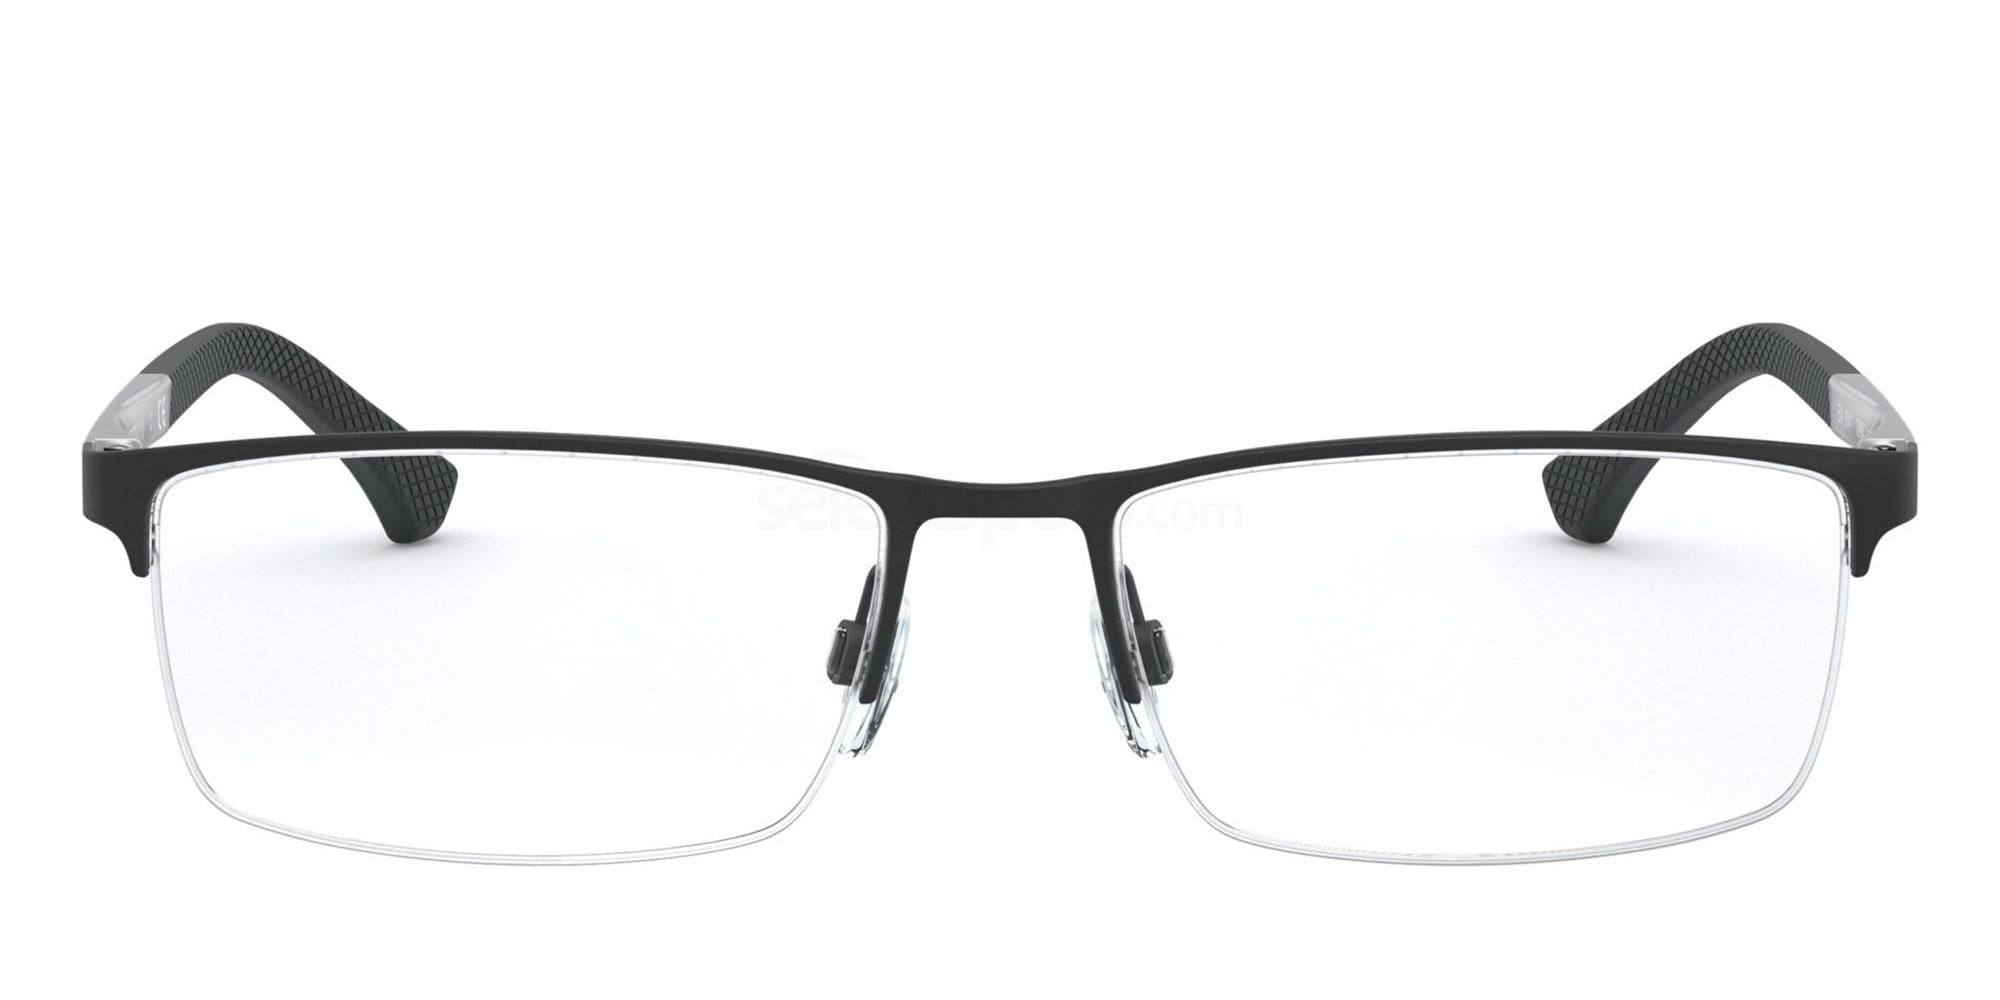 bc7e46115da Emporio Armani EA1041 glasses